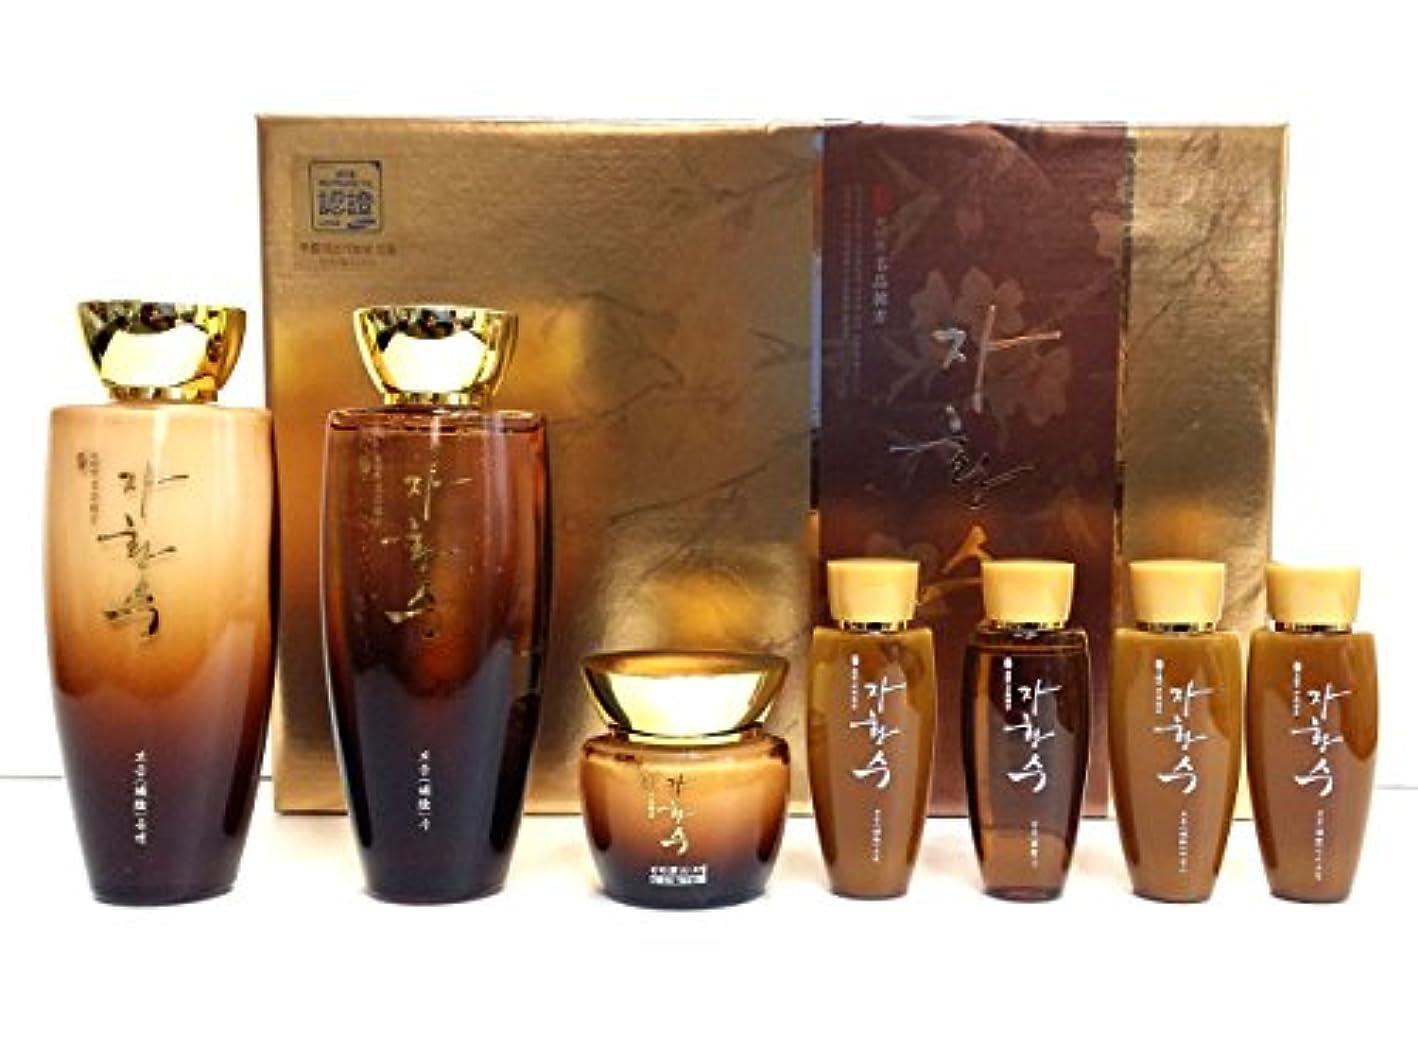 テーマ地域のエイリアン[JaHwangSu] ボームスキンケア3set / Boeum skin care 3set / オリエンタル、ロイヤルゼリー/Oriental, Royal jelly/しわ、水分/Anti-wrinkle, Moisture...